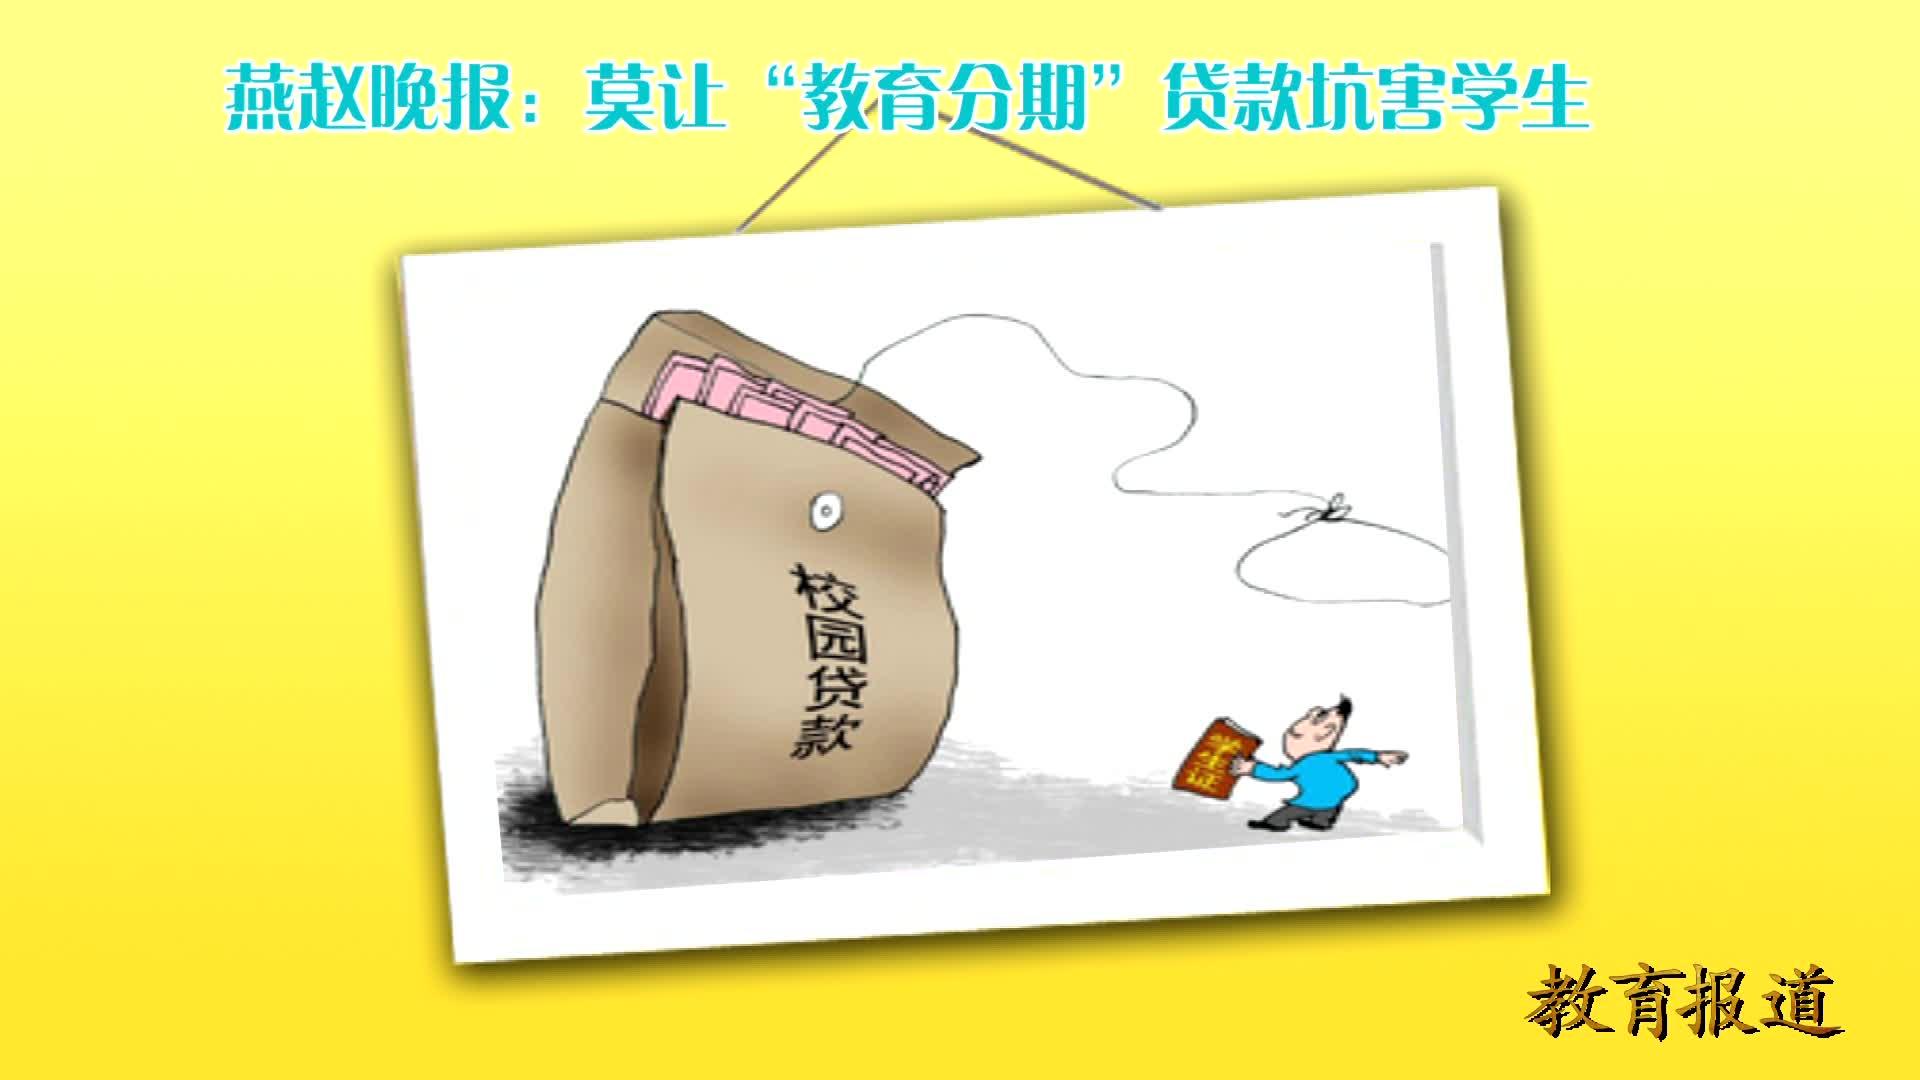 """燕赵晚报:莫让""""教育分期""""贷款坑害学生"""